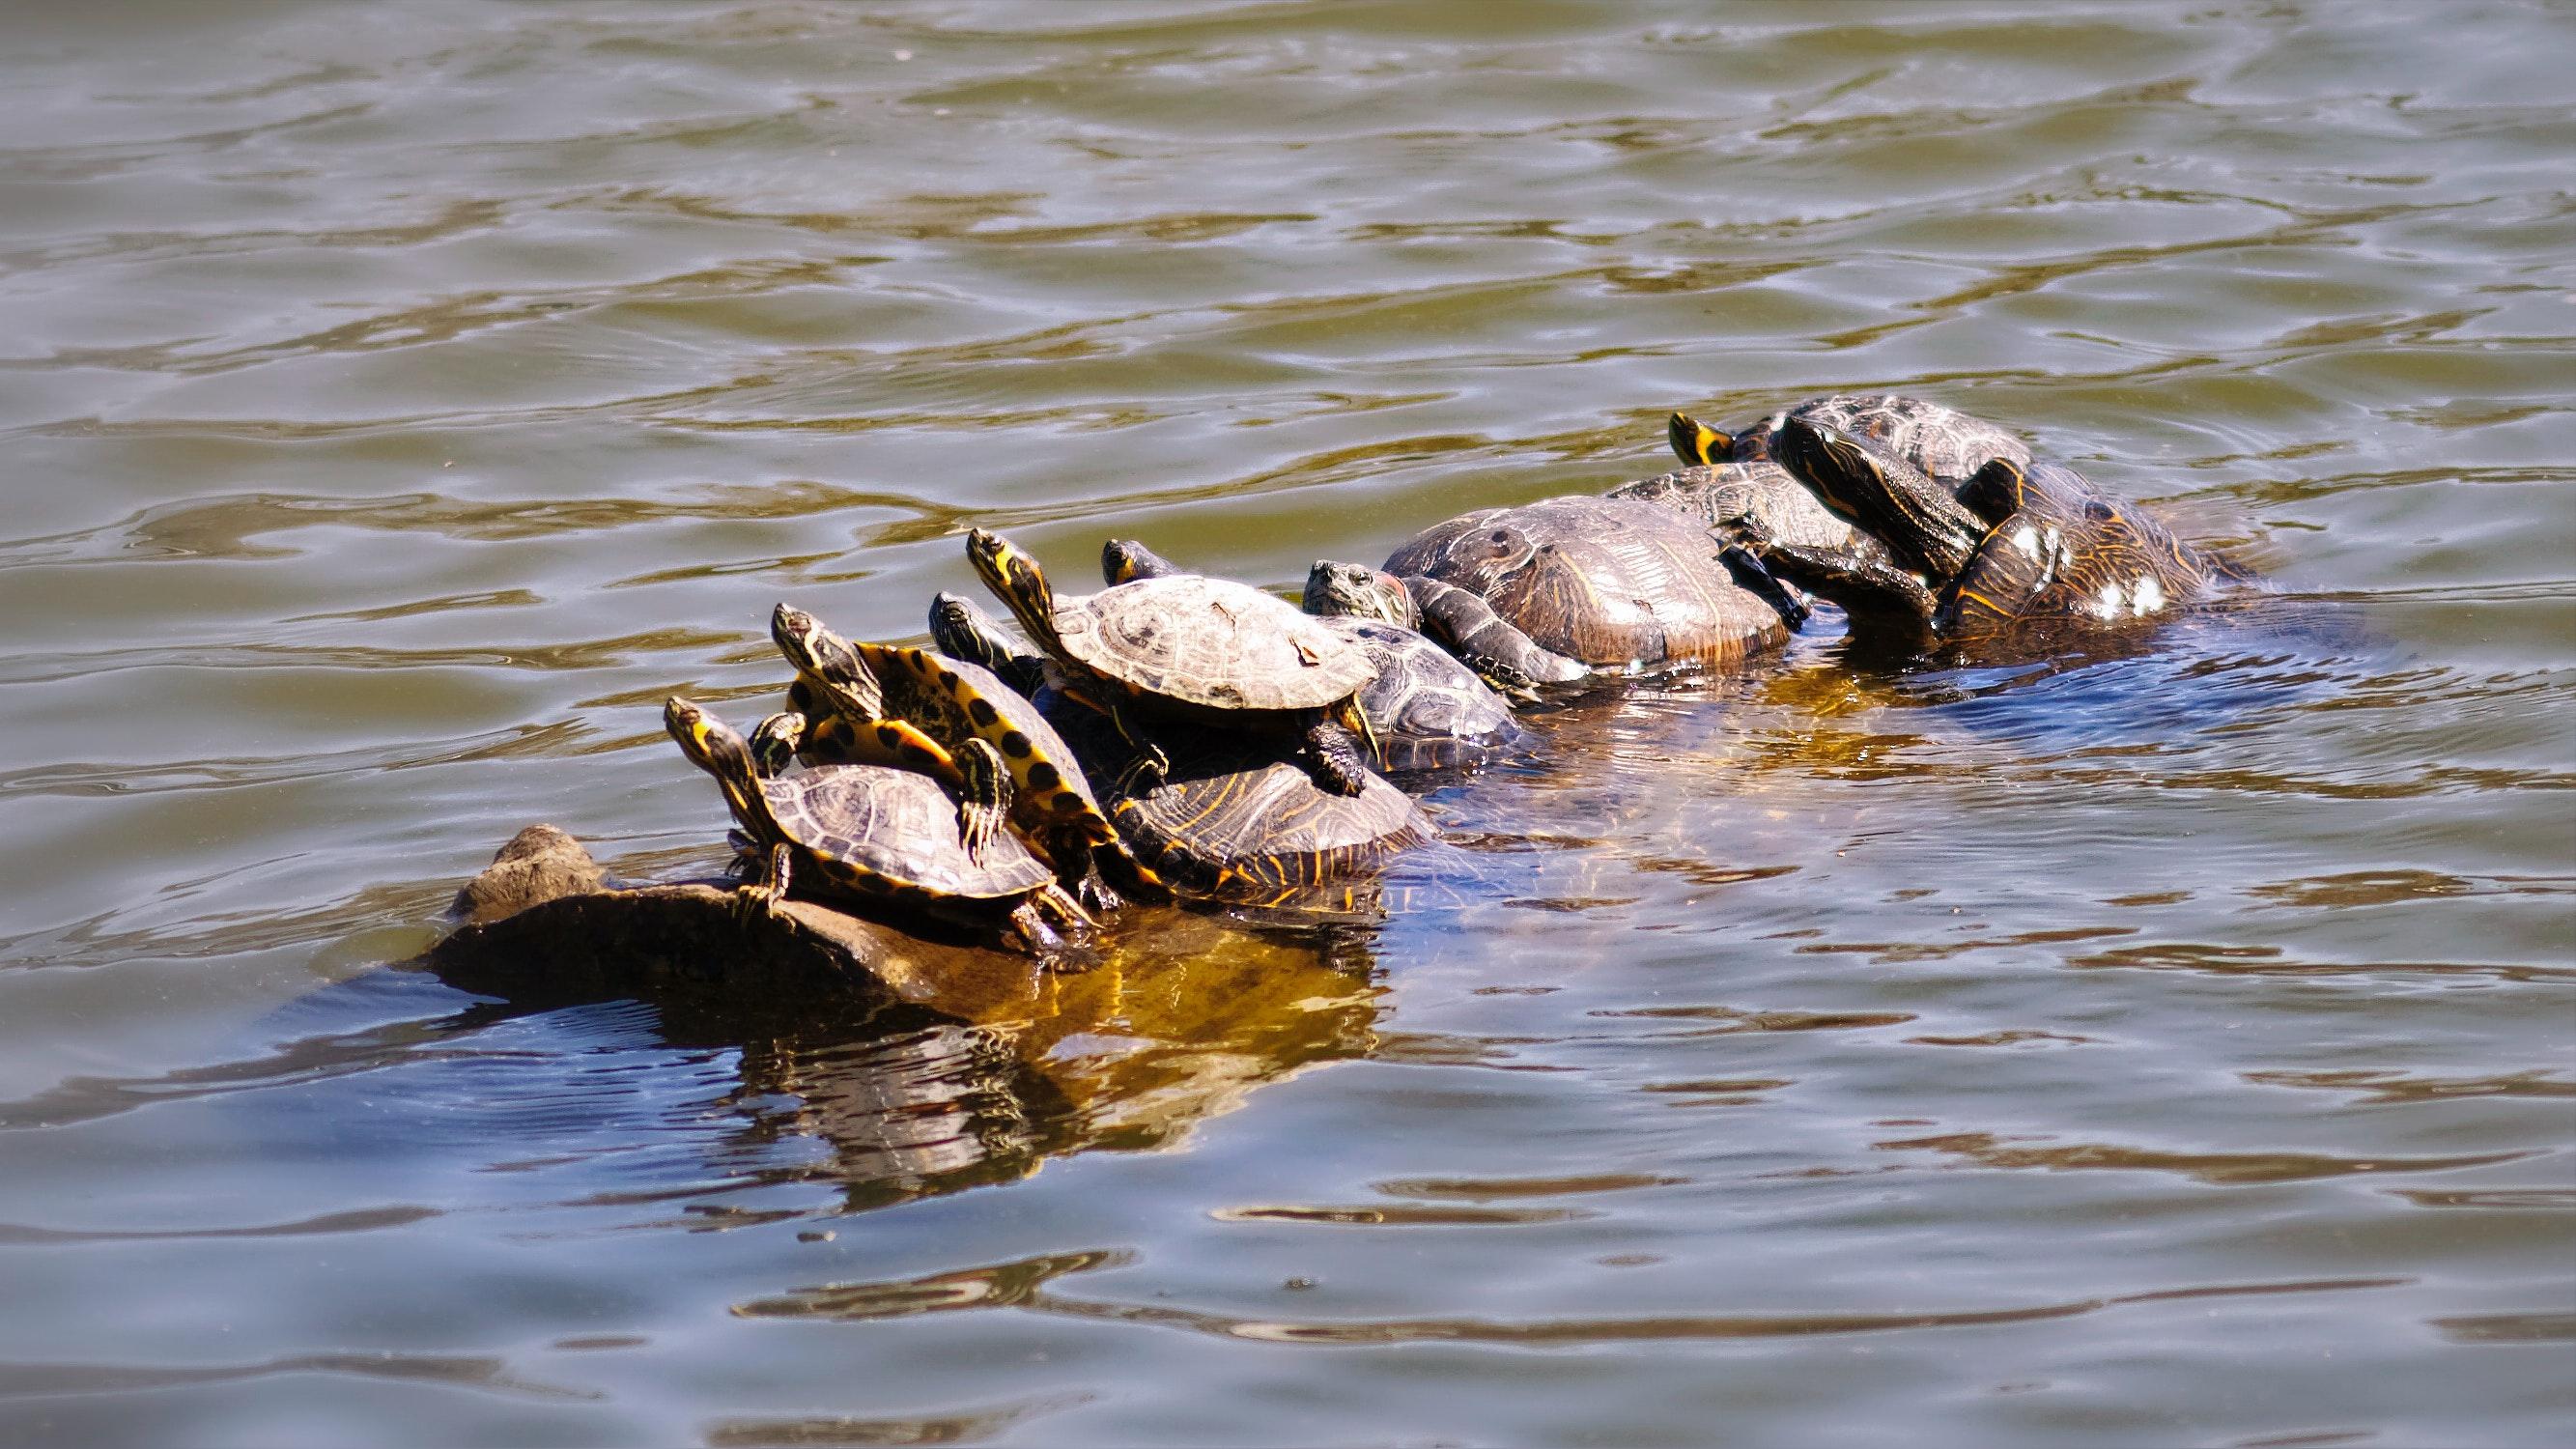 30+ Schildkröten Fotos · Pexels · Kostenlose Stock Fotos